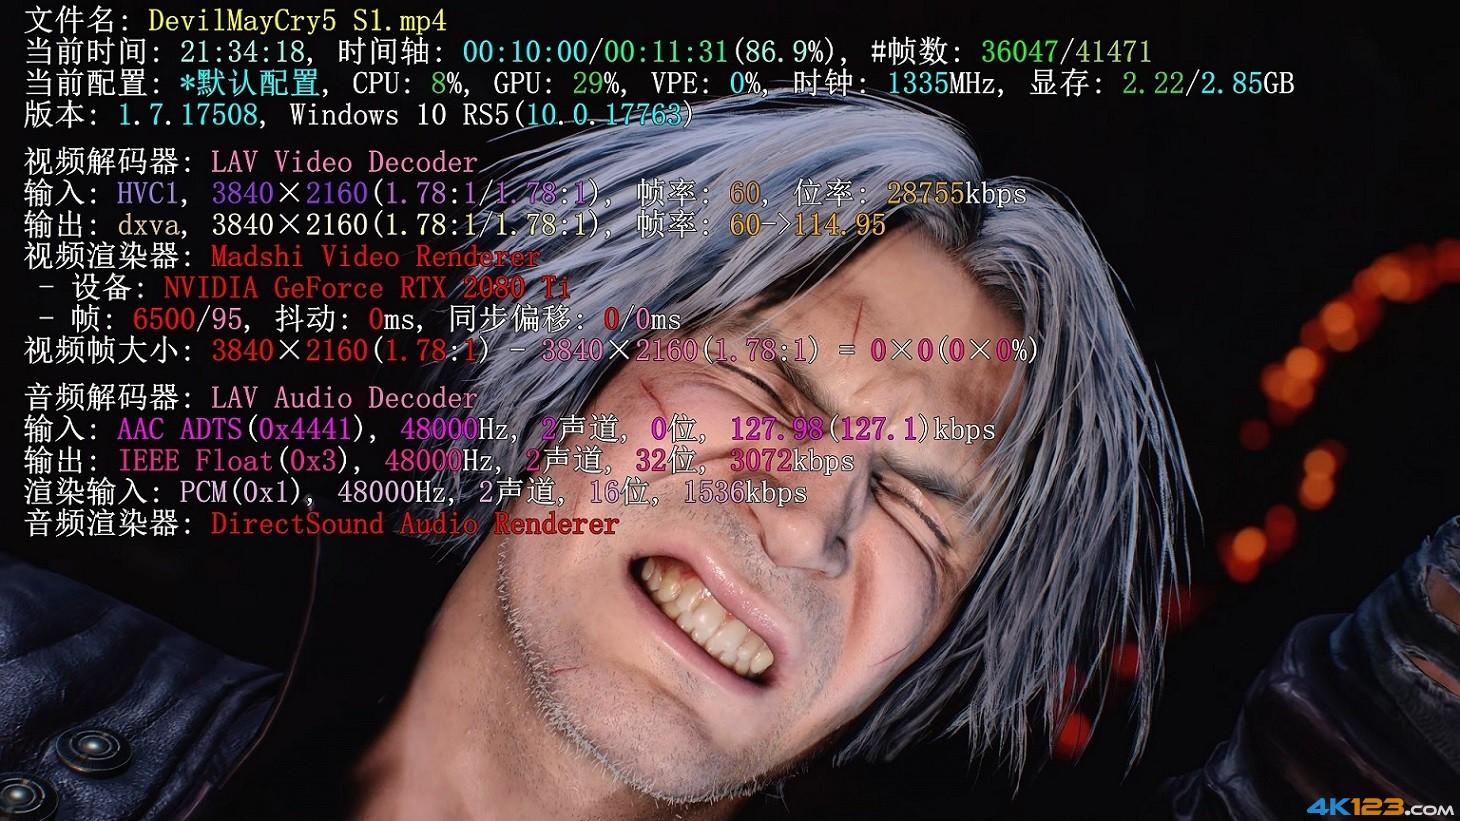 DevilMayCry5.JPG